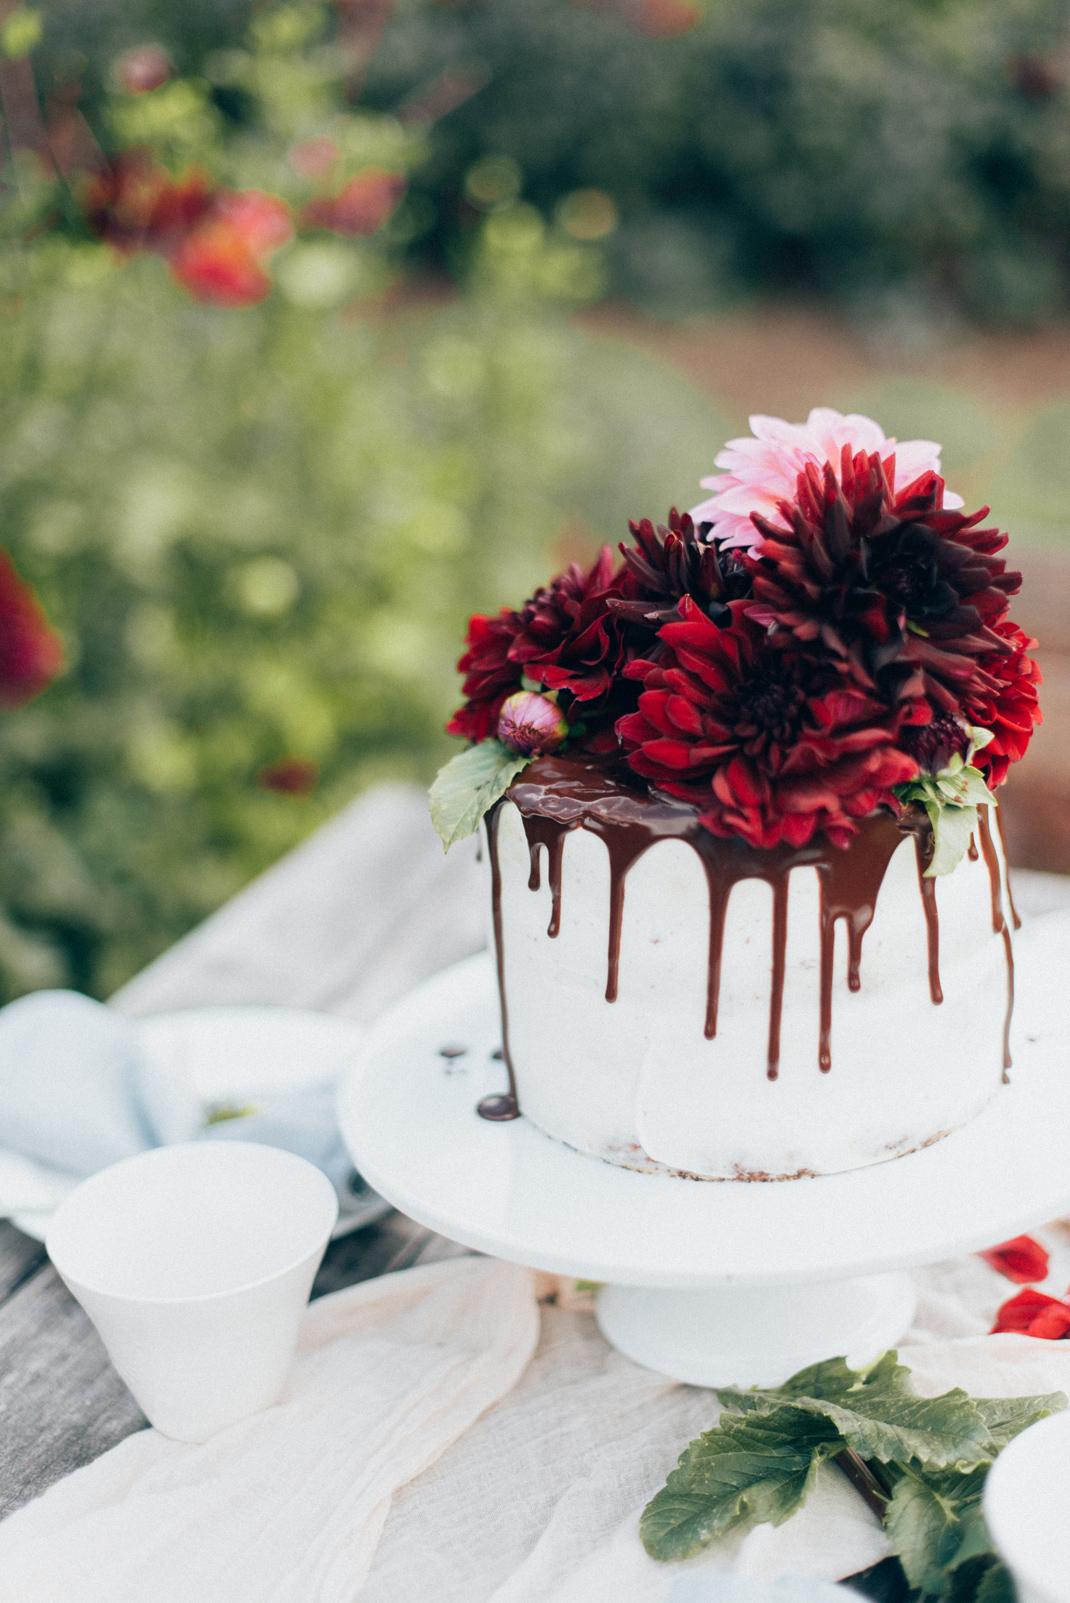 Silvia Fischer. Echte Kuchenliebe. Drip Cake Torte mit frischen Blumen